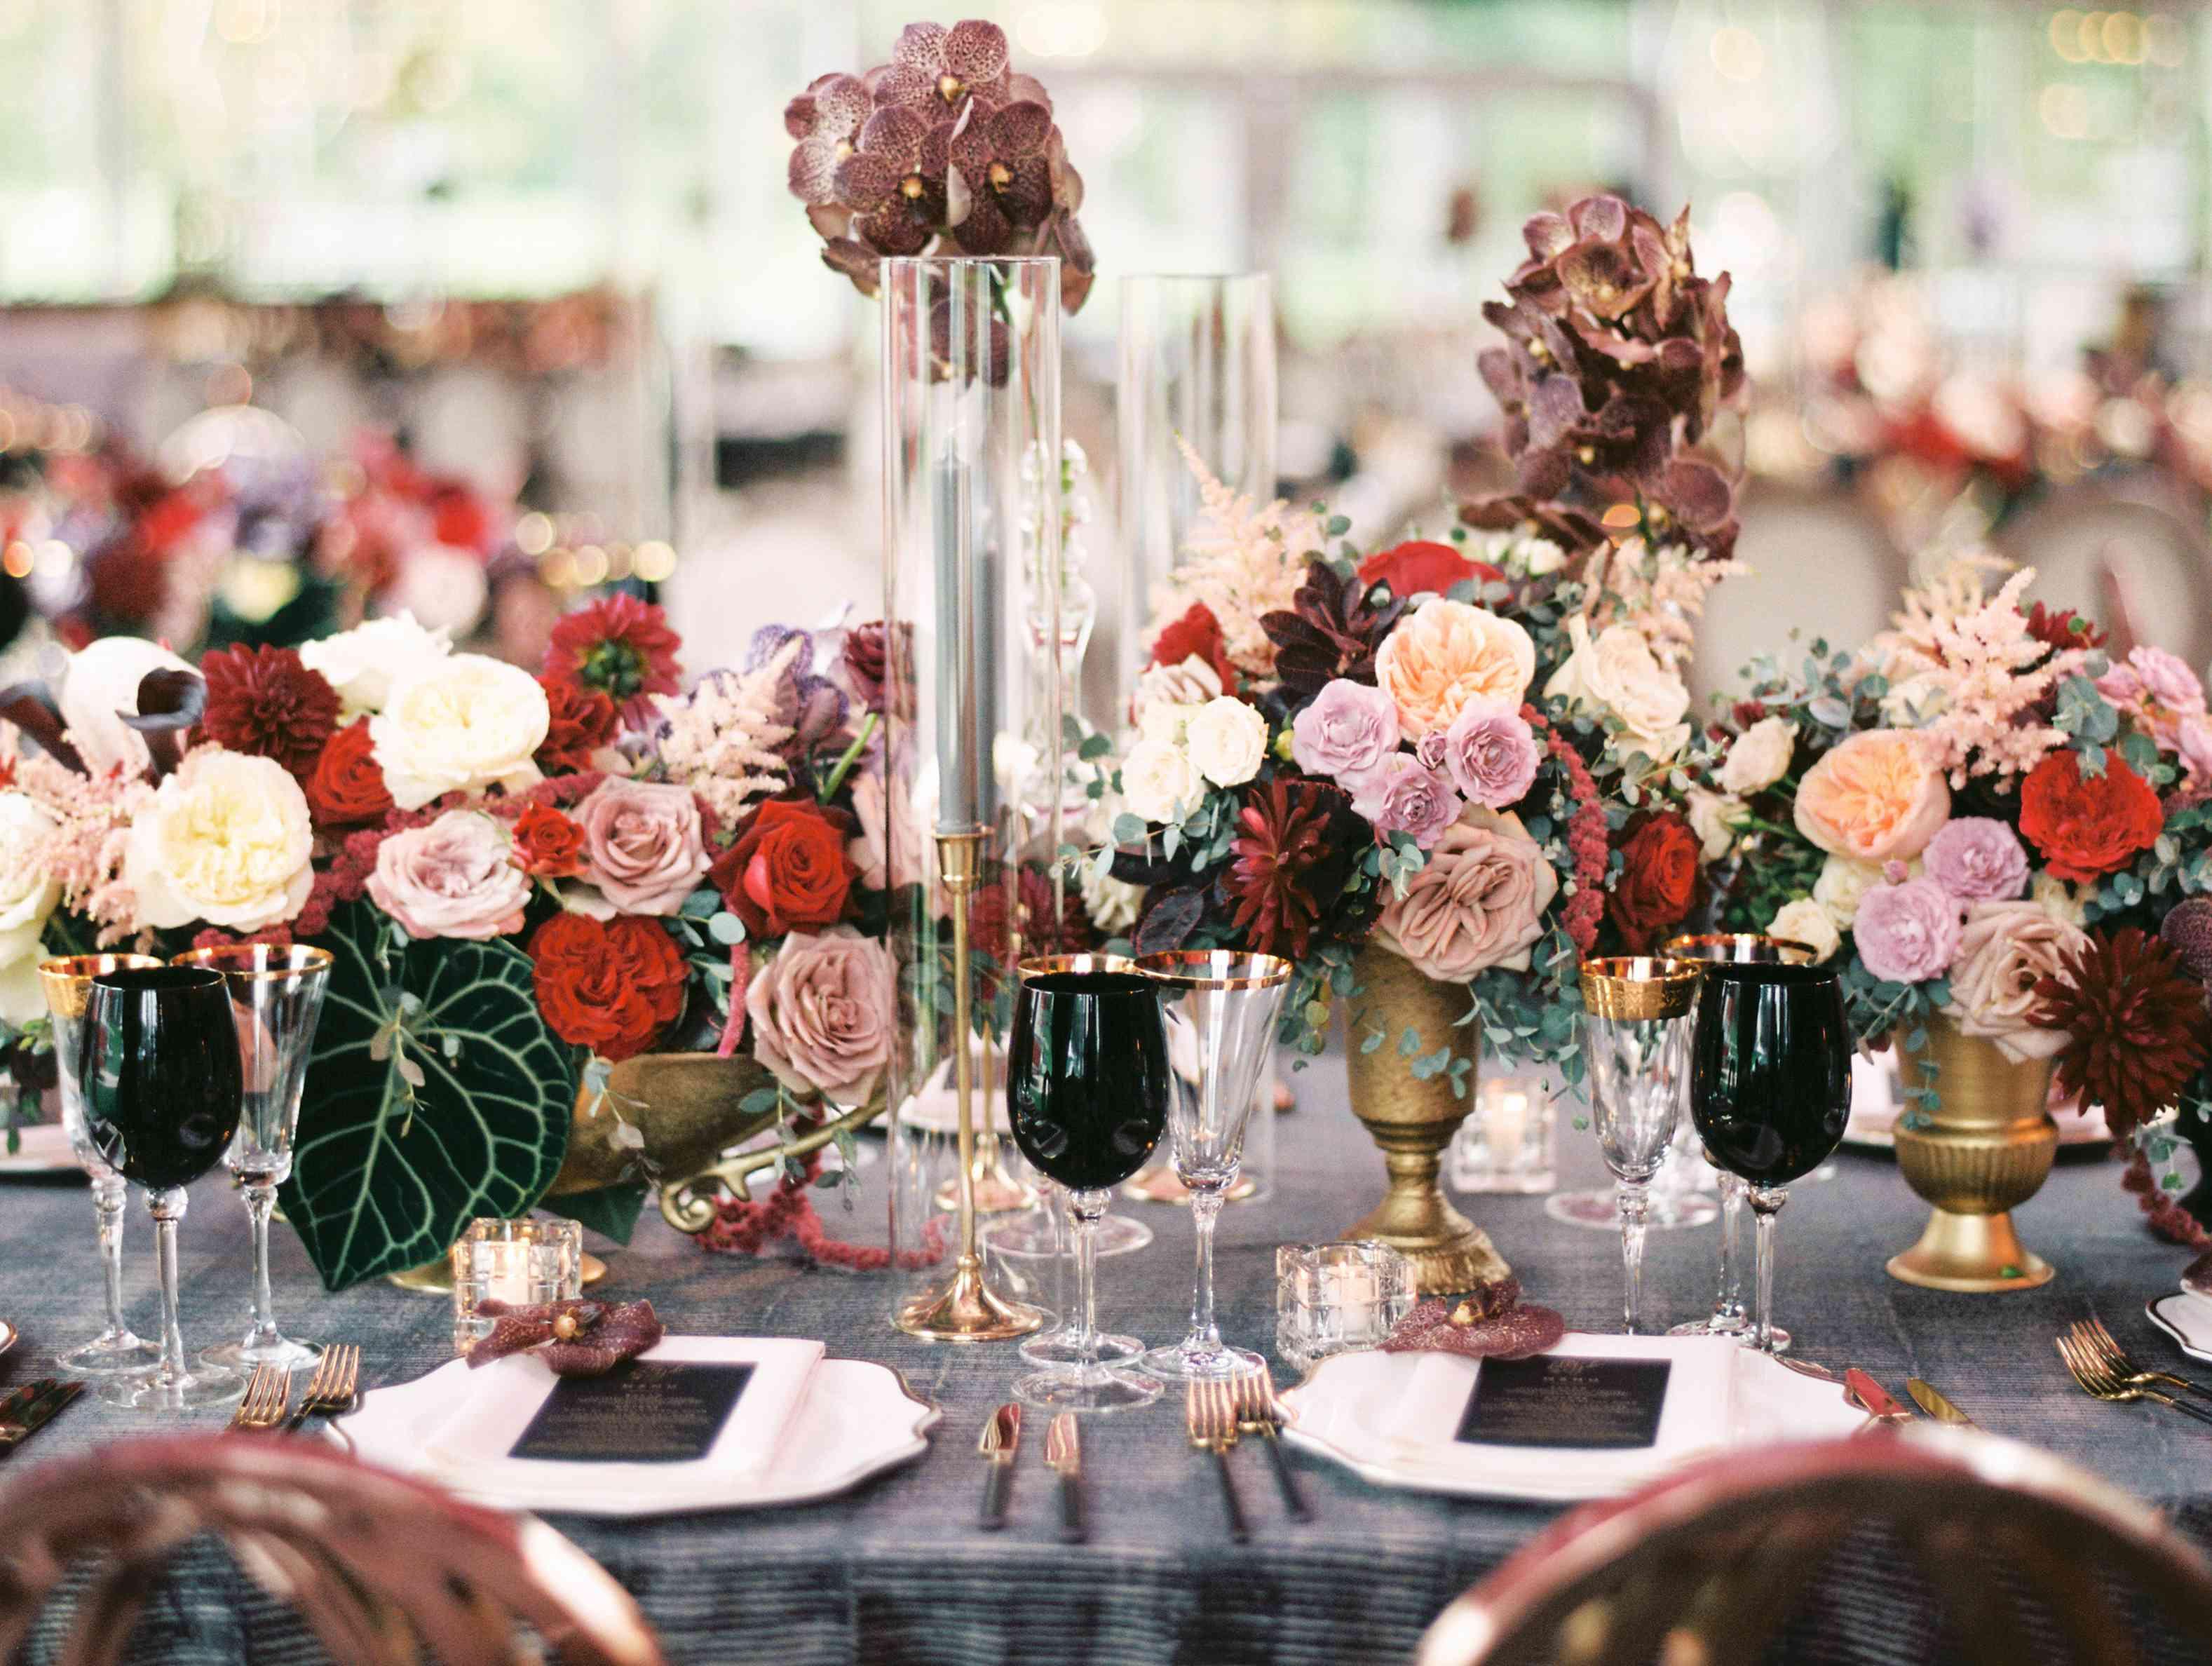 Floral arrangements on reception tables